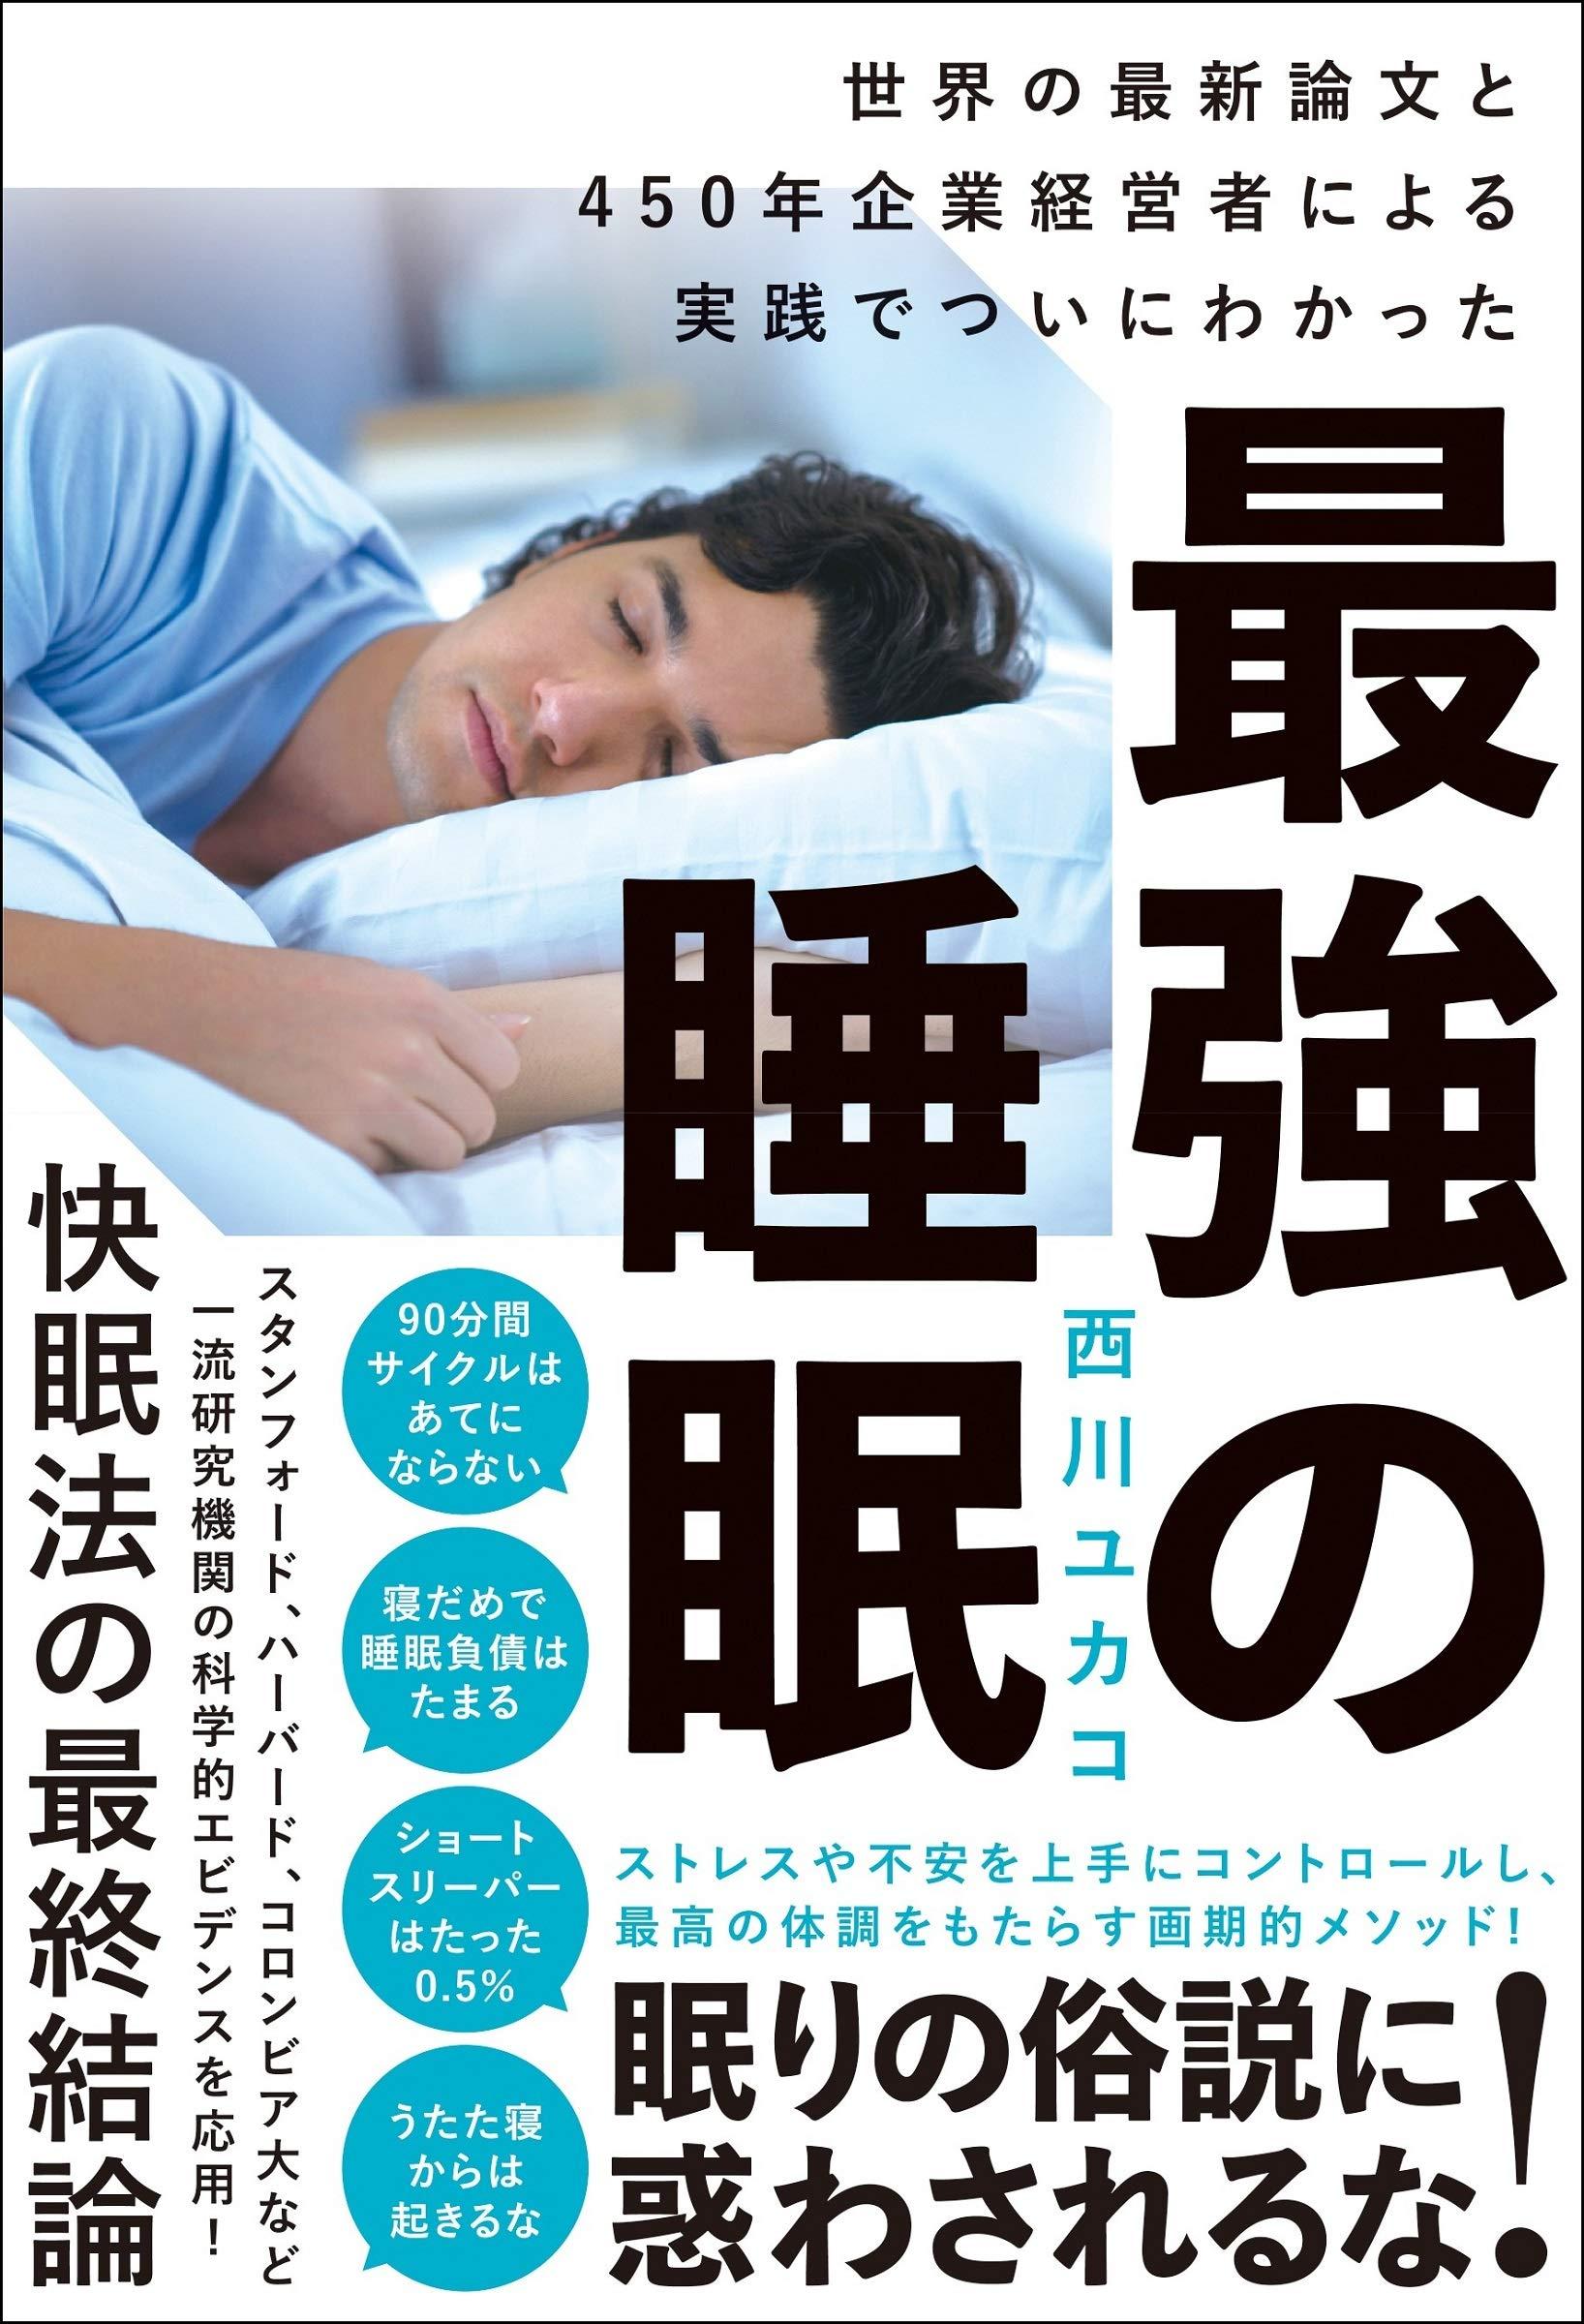 最強の睡眠 世界の最新論文と 450年企業経営者による実践でついに ...